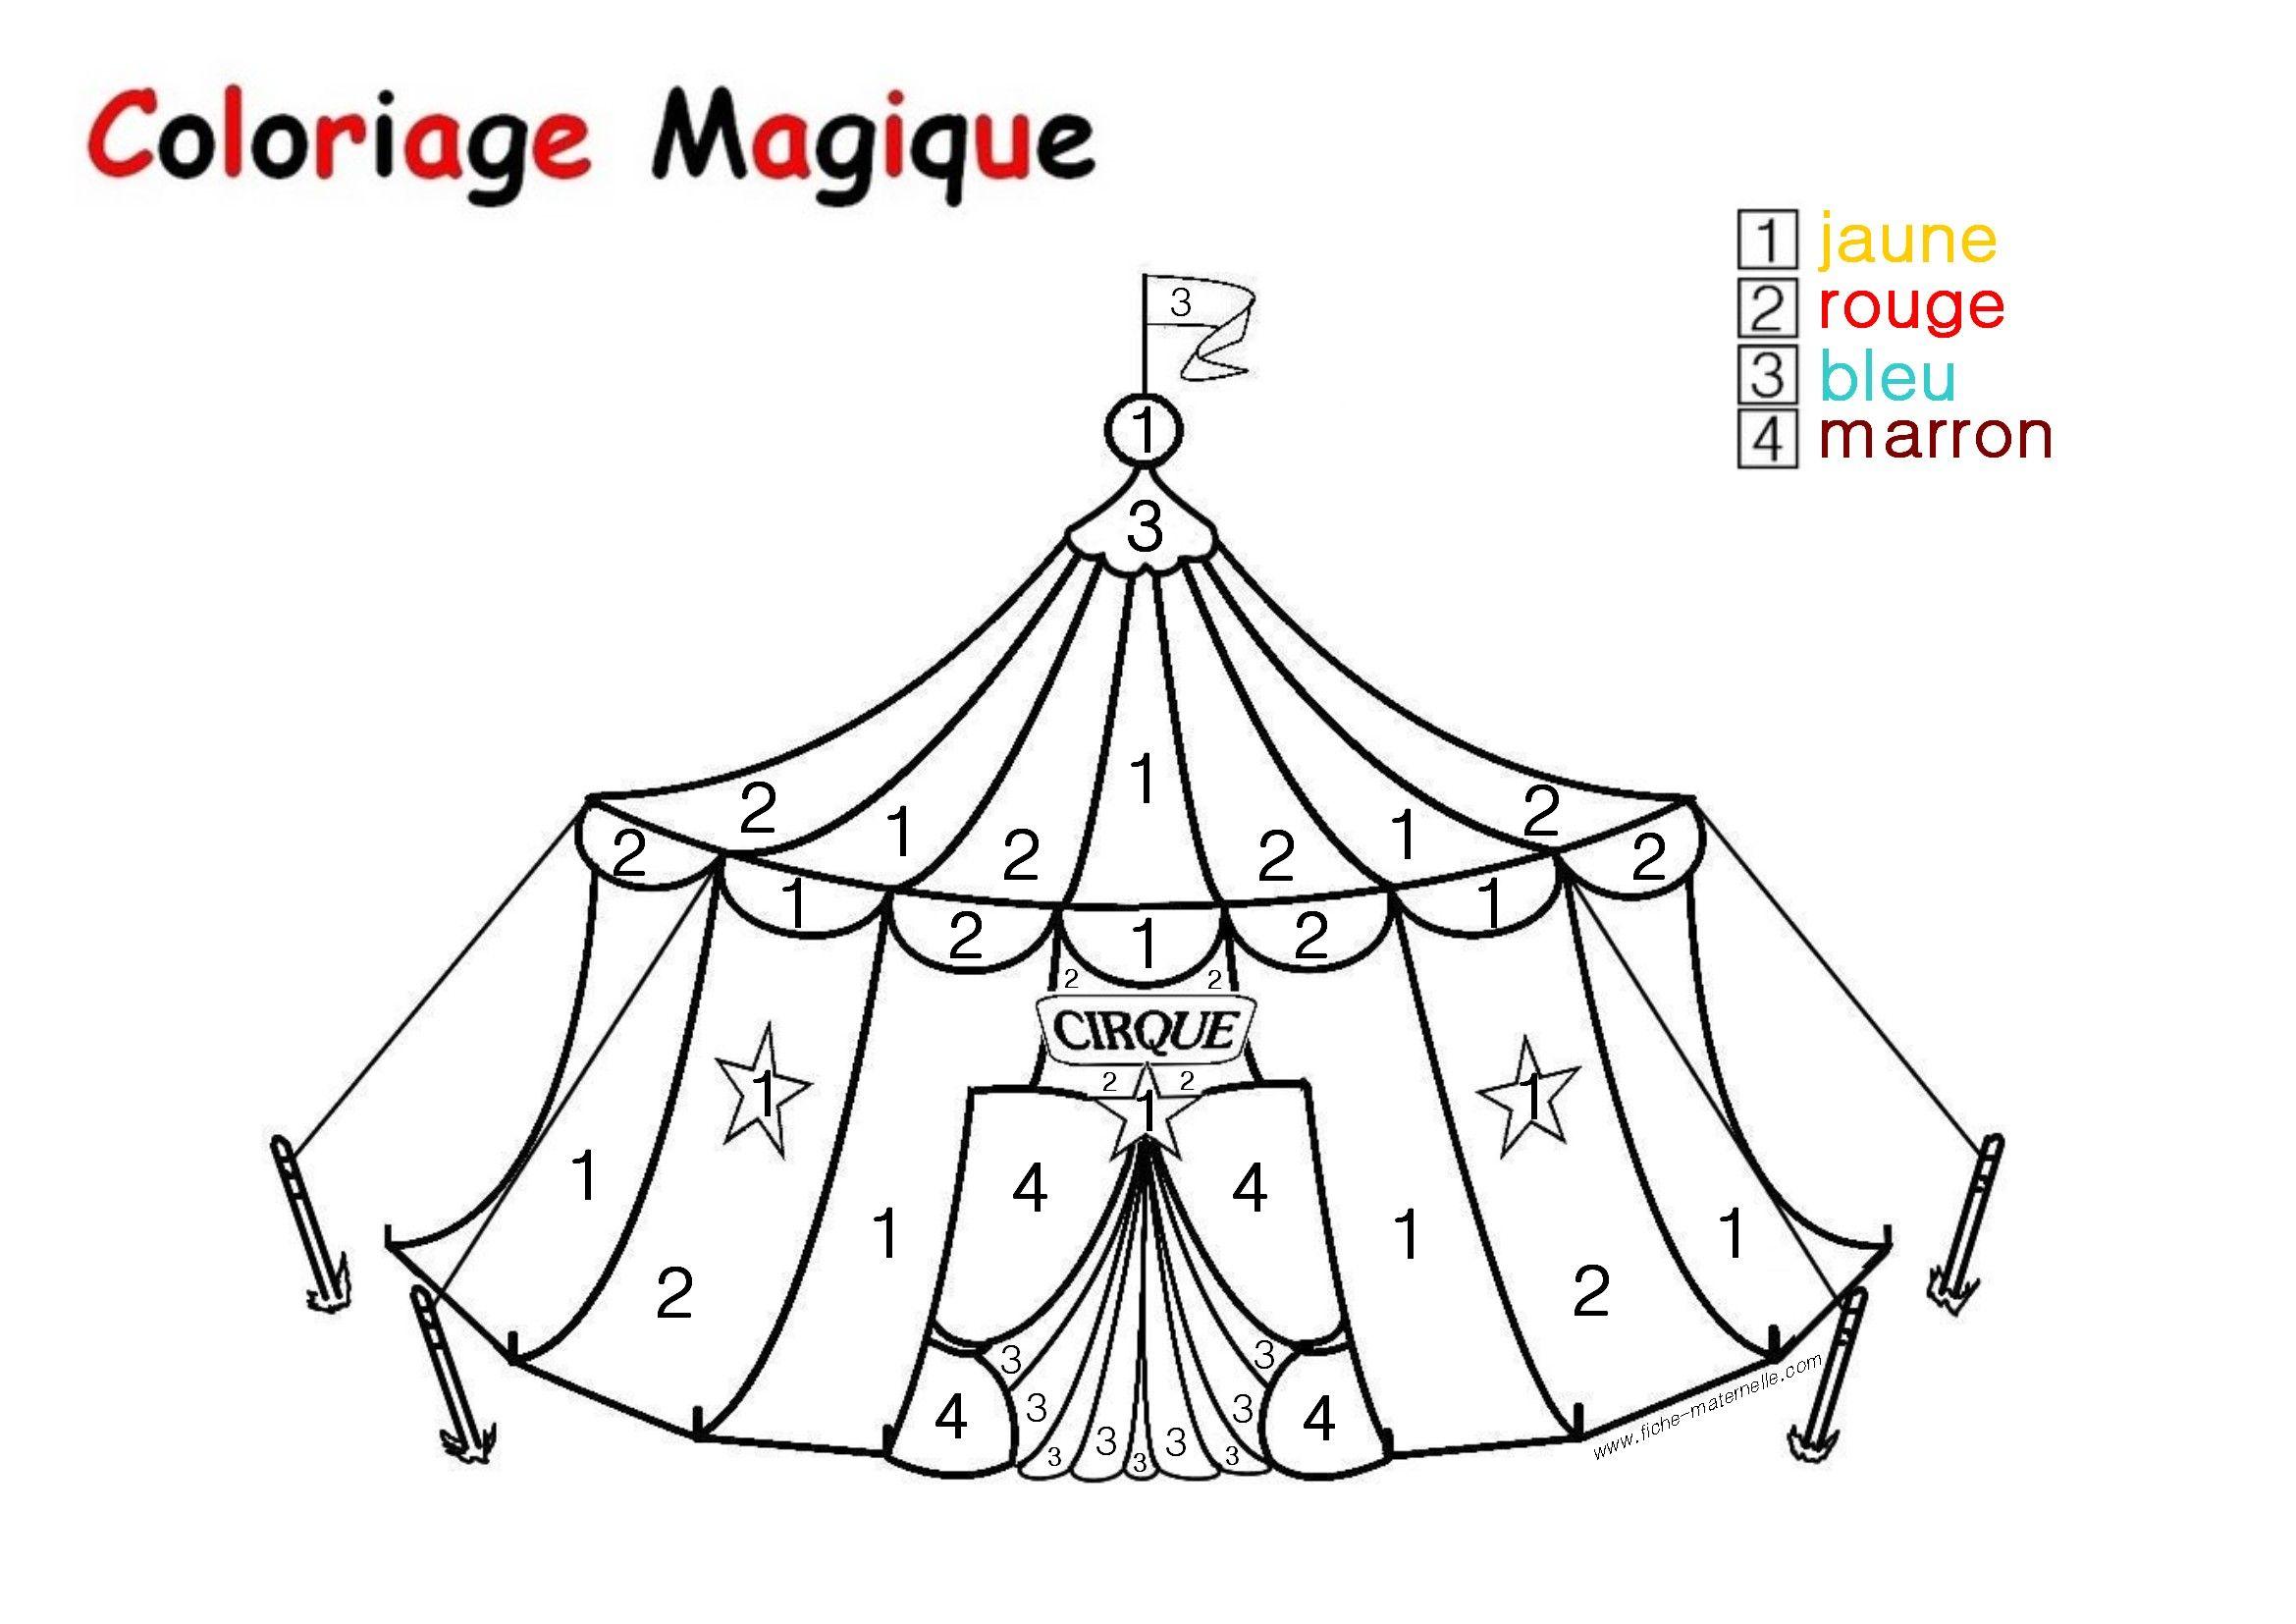 Coloriage Magique Cirque Gs.Coloriage Magique Pour Les Plus Petits Un Chapiteau Cirque